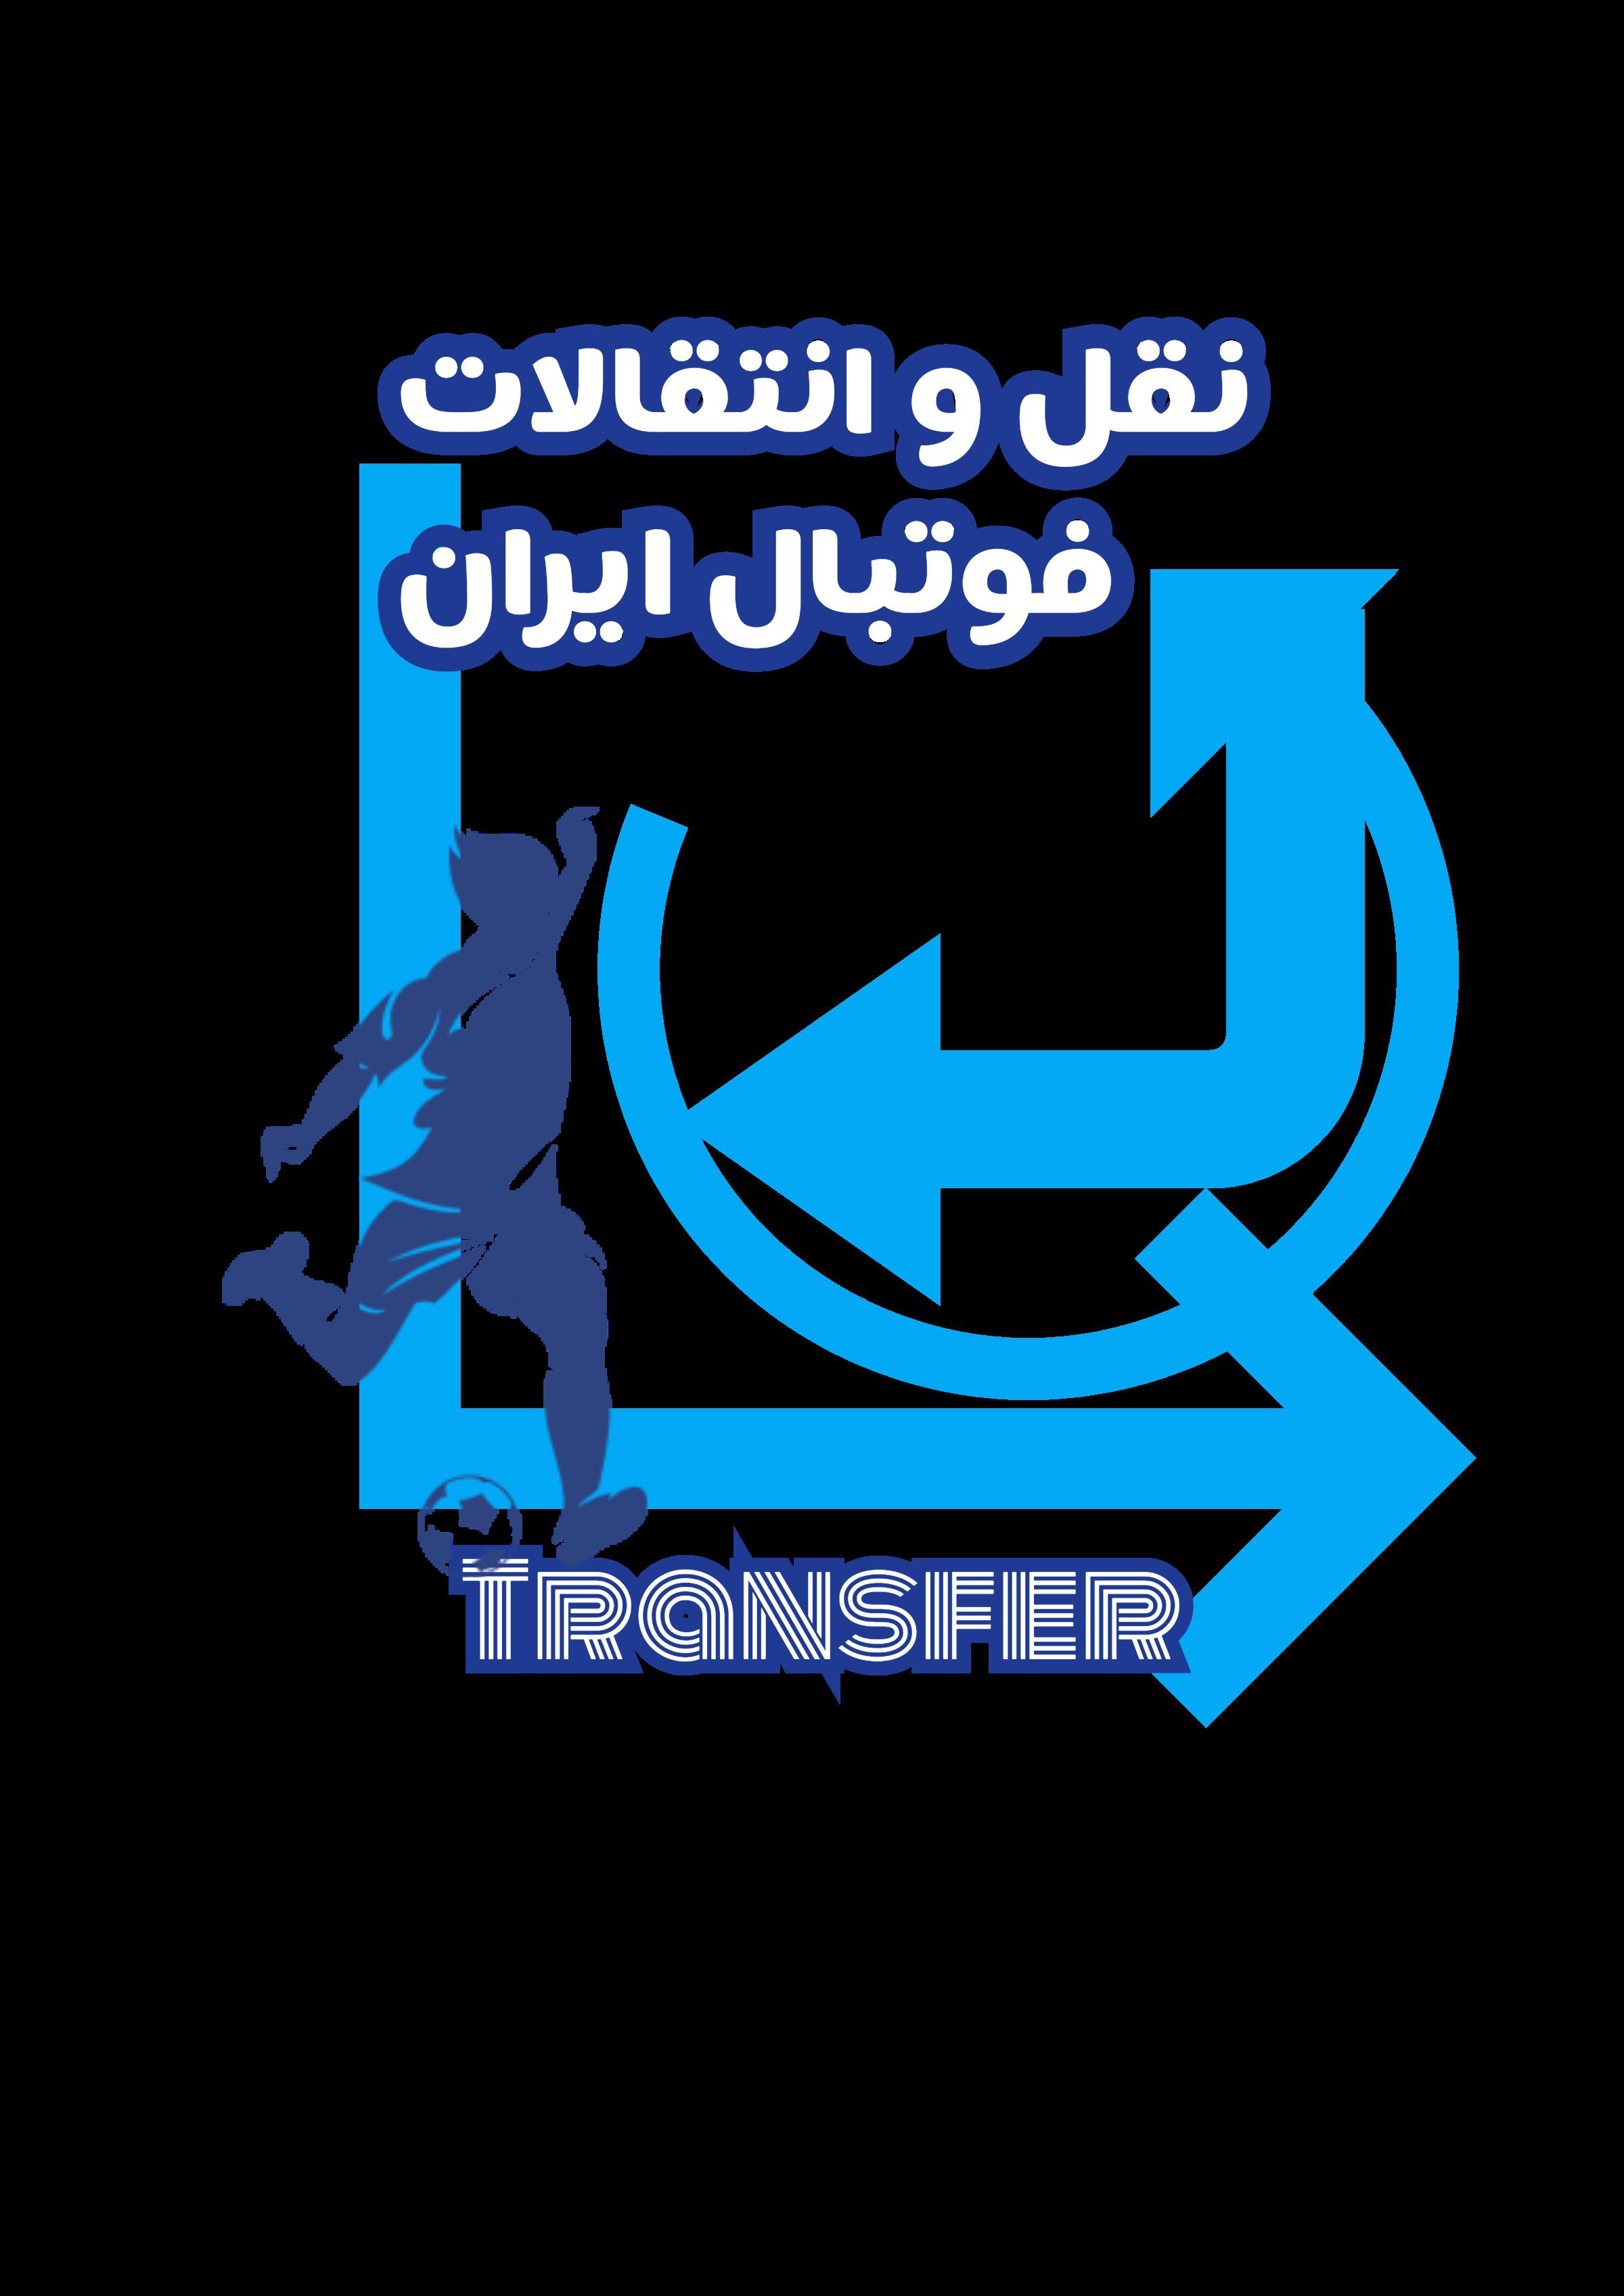 حواشی نقل و انتقالات - قاسمی نژاد